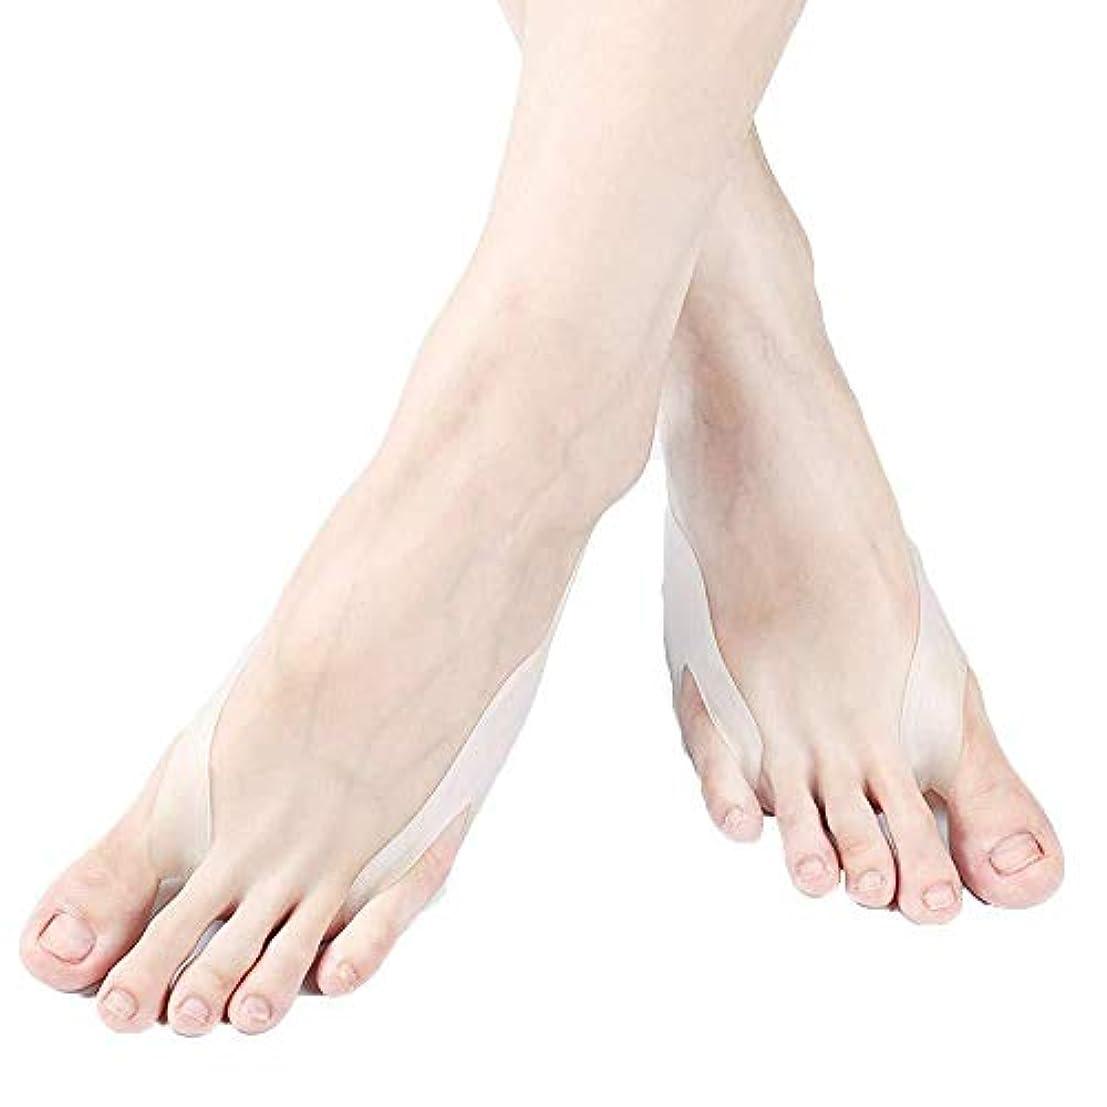 中央気づくなる良心的つま先セパレーター、男性用および女性用ソックスの爪先強度のための夜間および昼間の外反母パッド用のつま先矯正